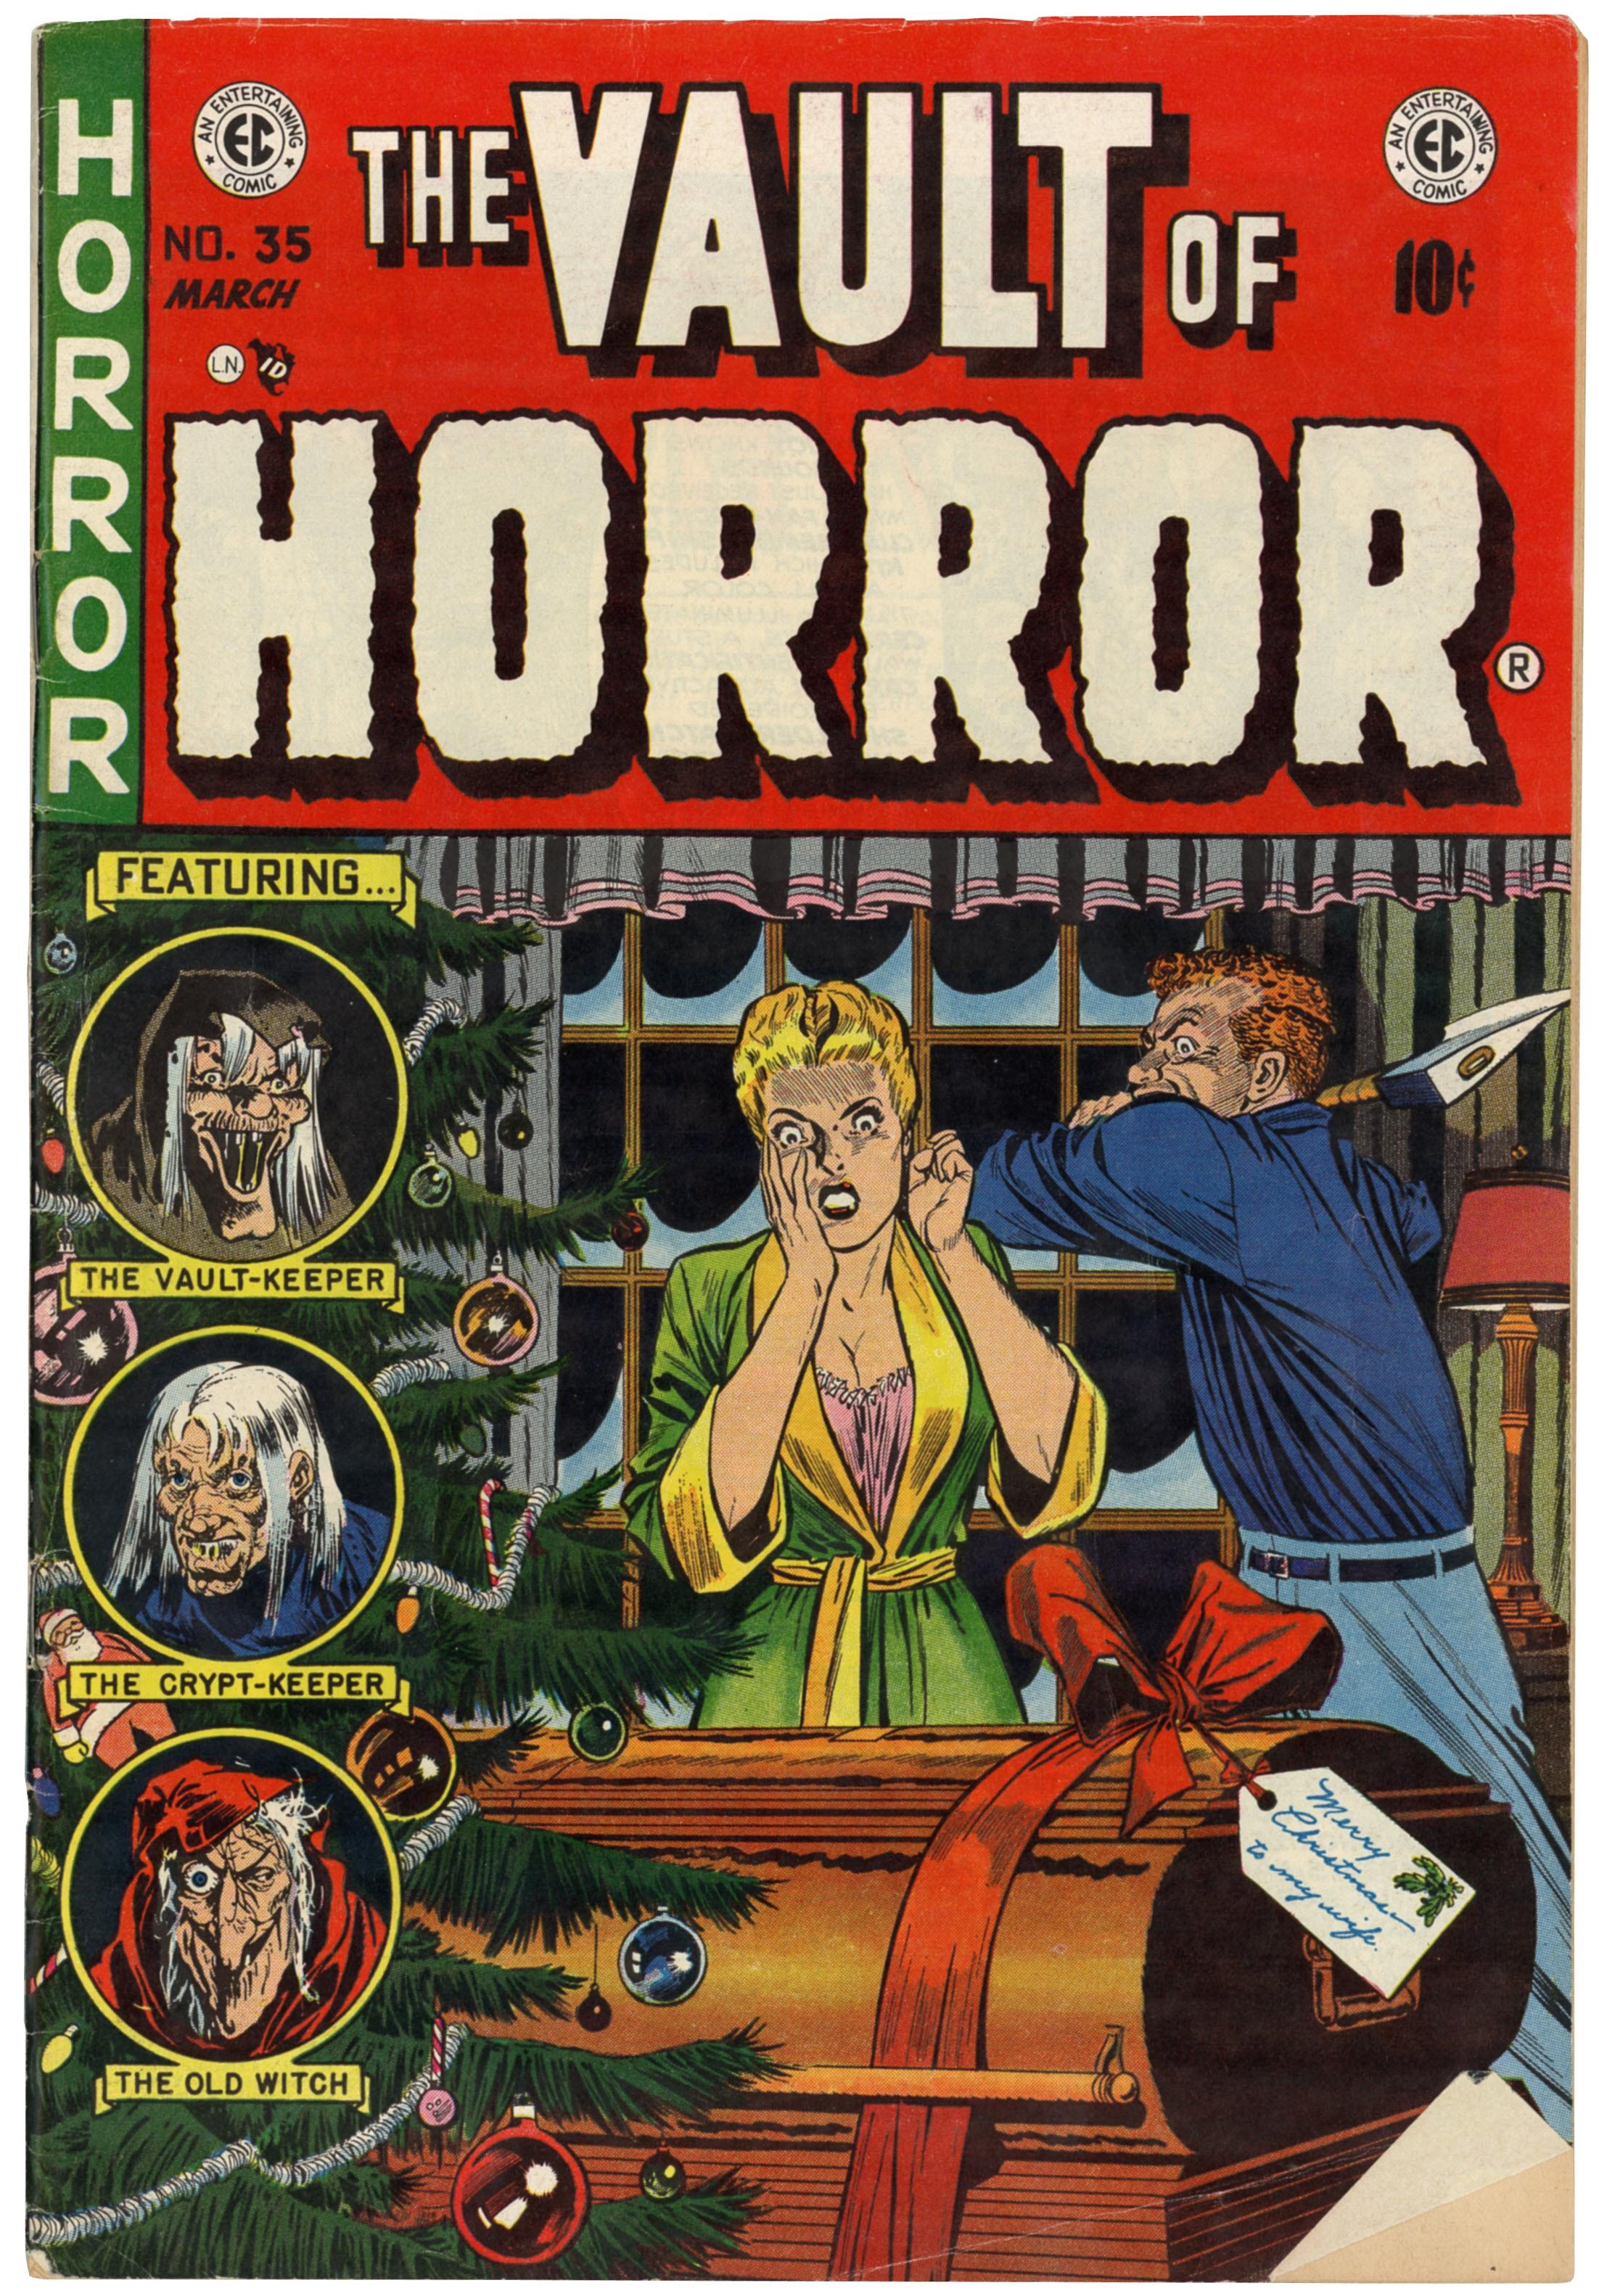 vault_of_horror_No35_feb-march-1954